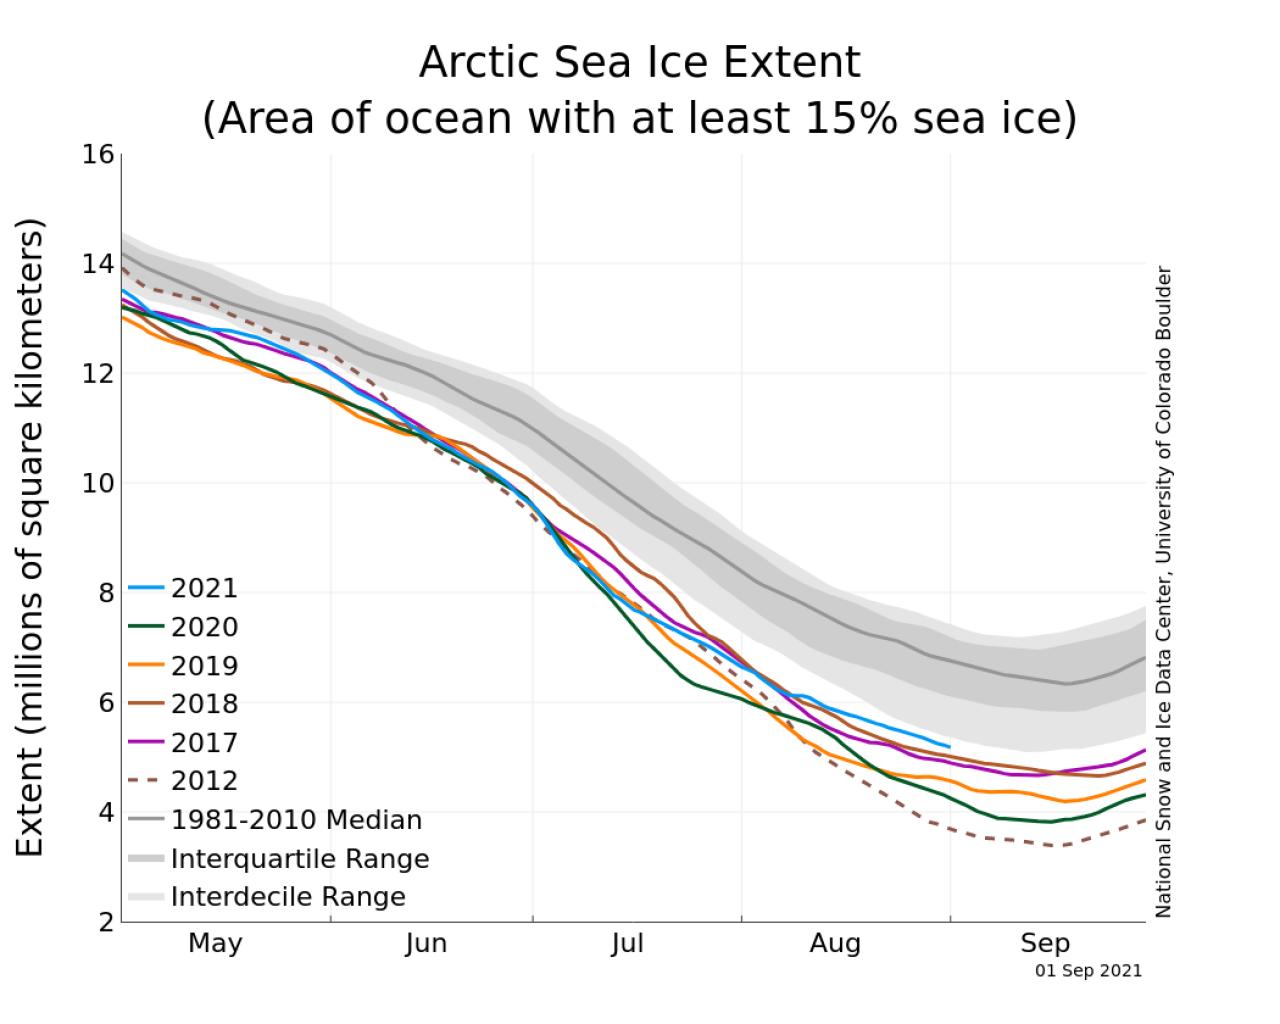 Confronto con le scorse stagioni - Credito: National Snow and Ice Data Center Immagine ad alta risoluzione